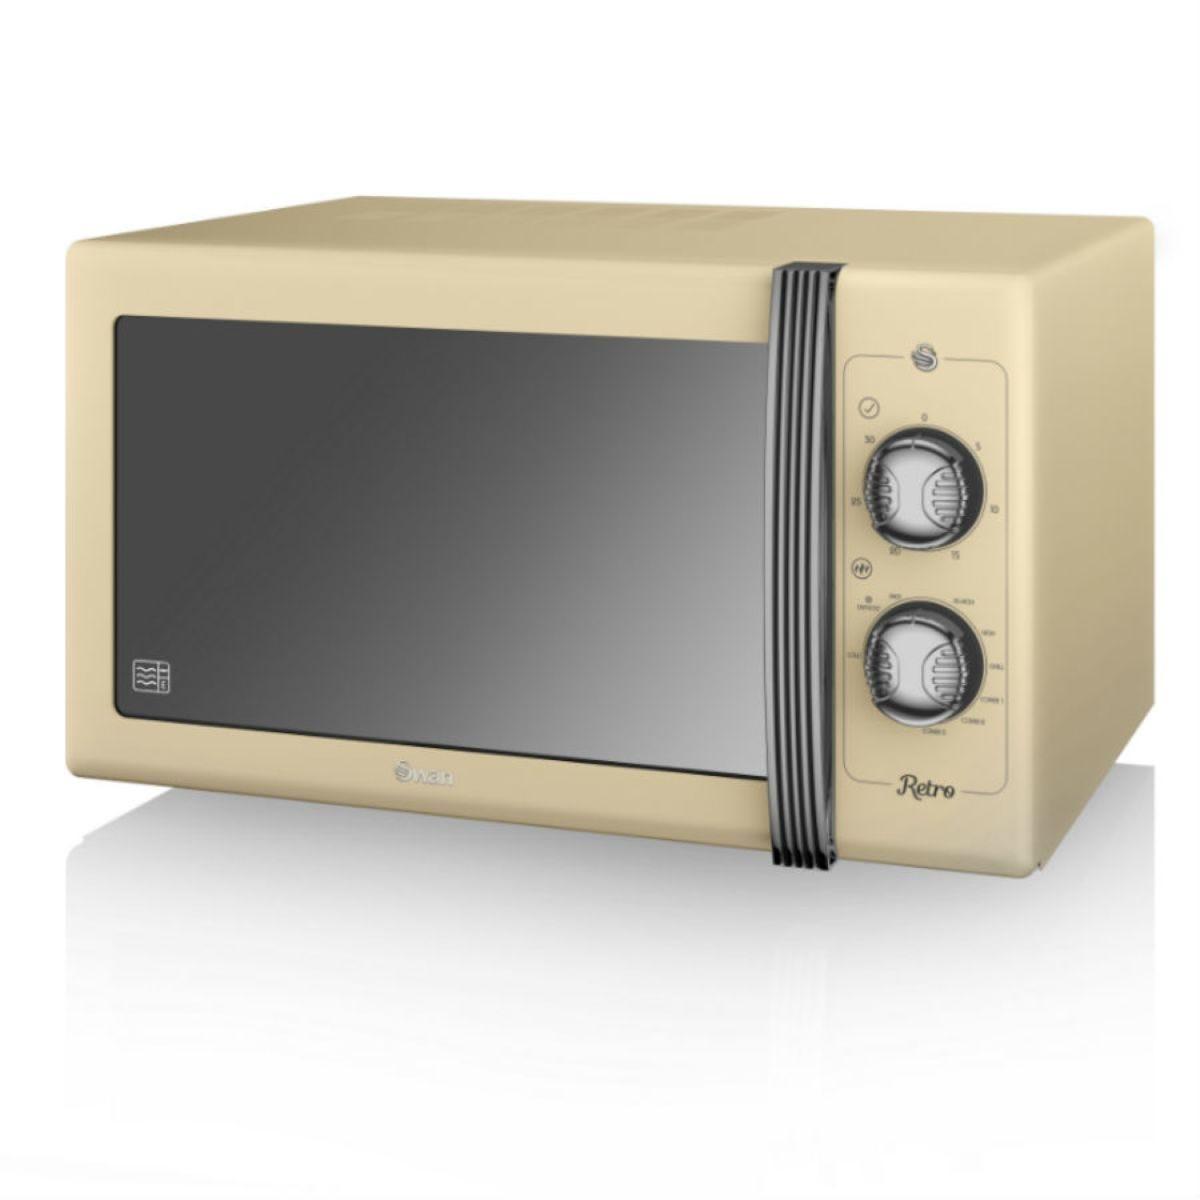 Swan Retro 900W 25L Manual Solo Microwave - Cream